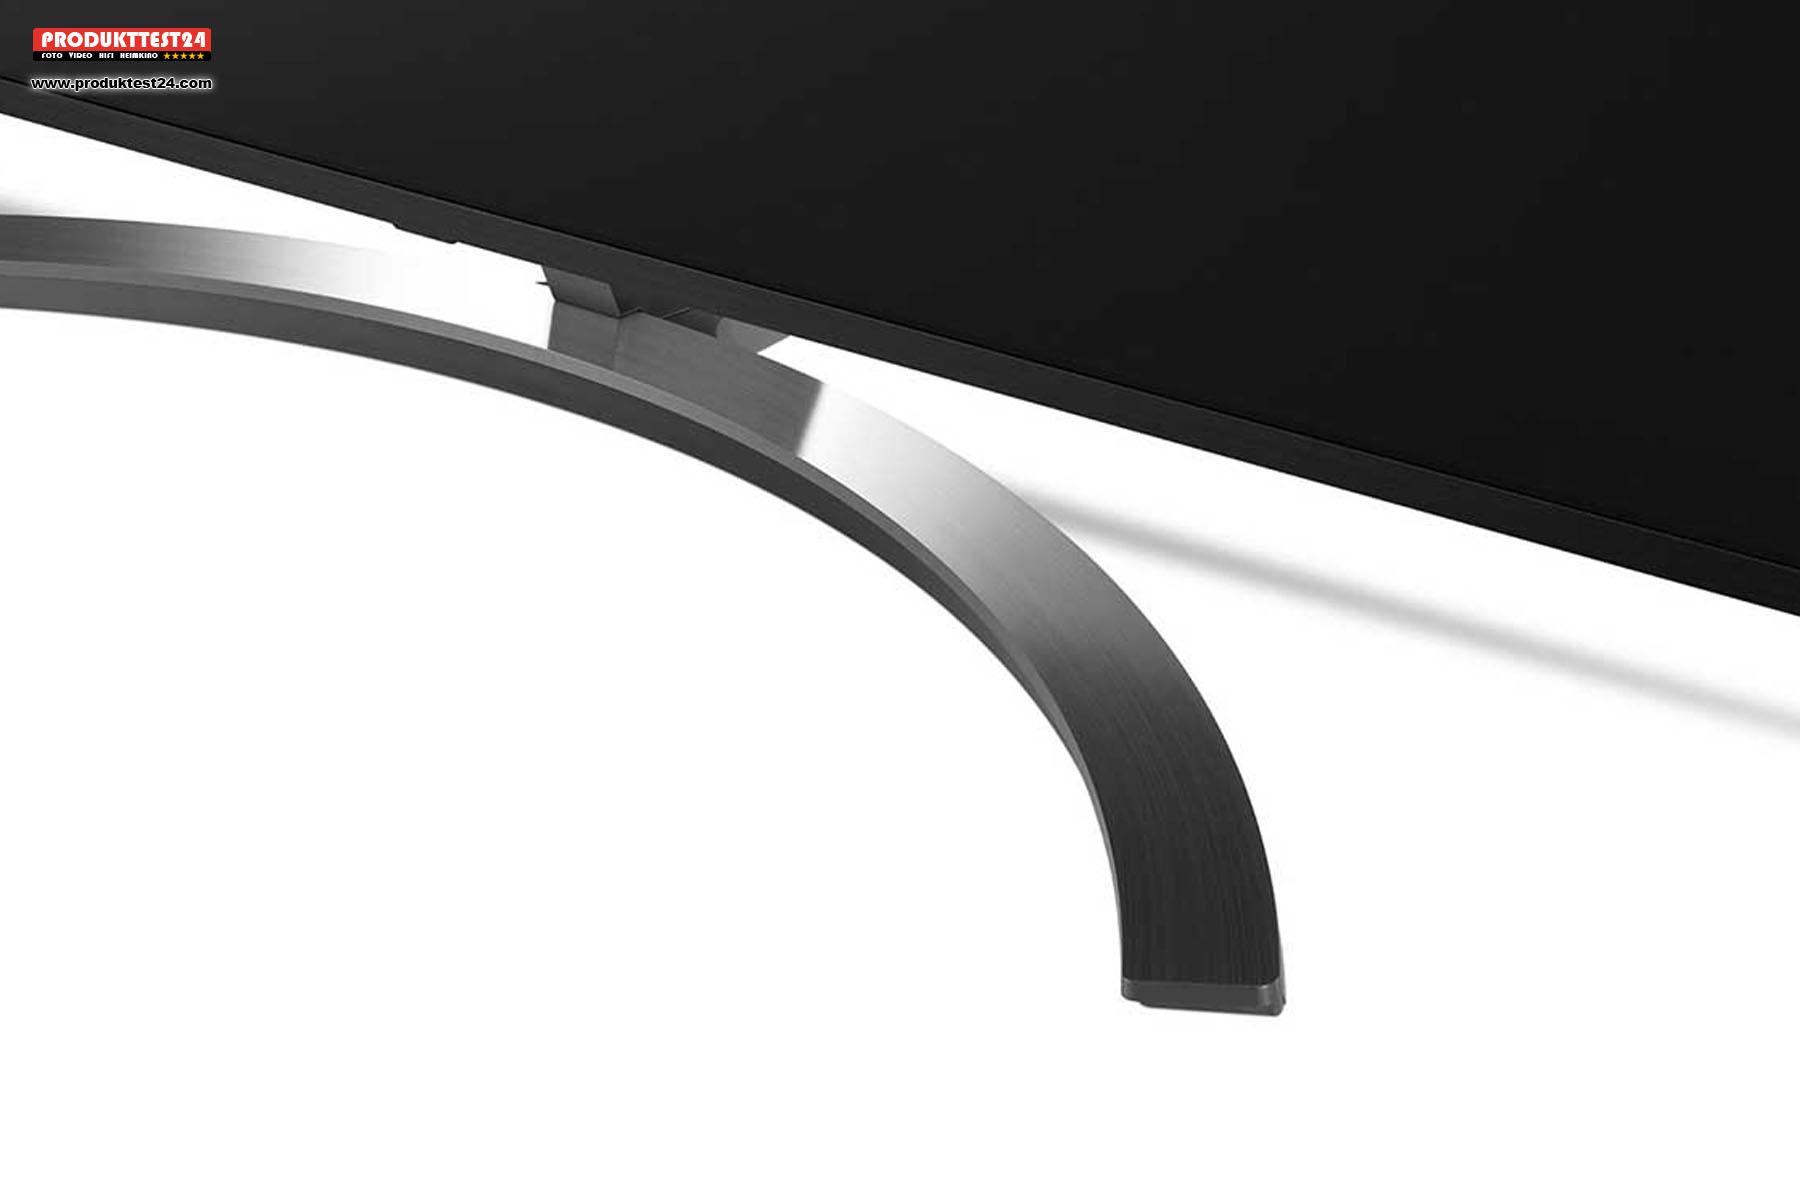 Halbmondförmiger Standfuß in gebürsteter Aluminiumoptik